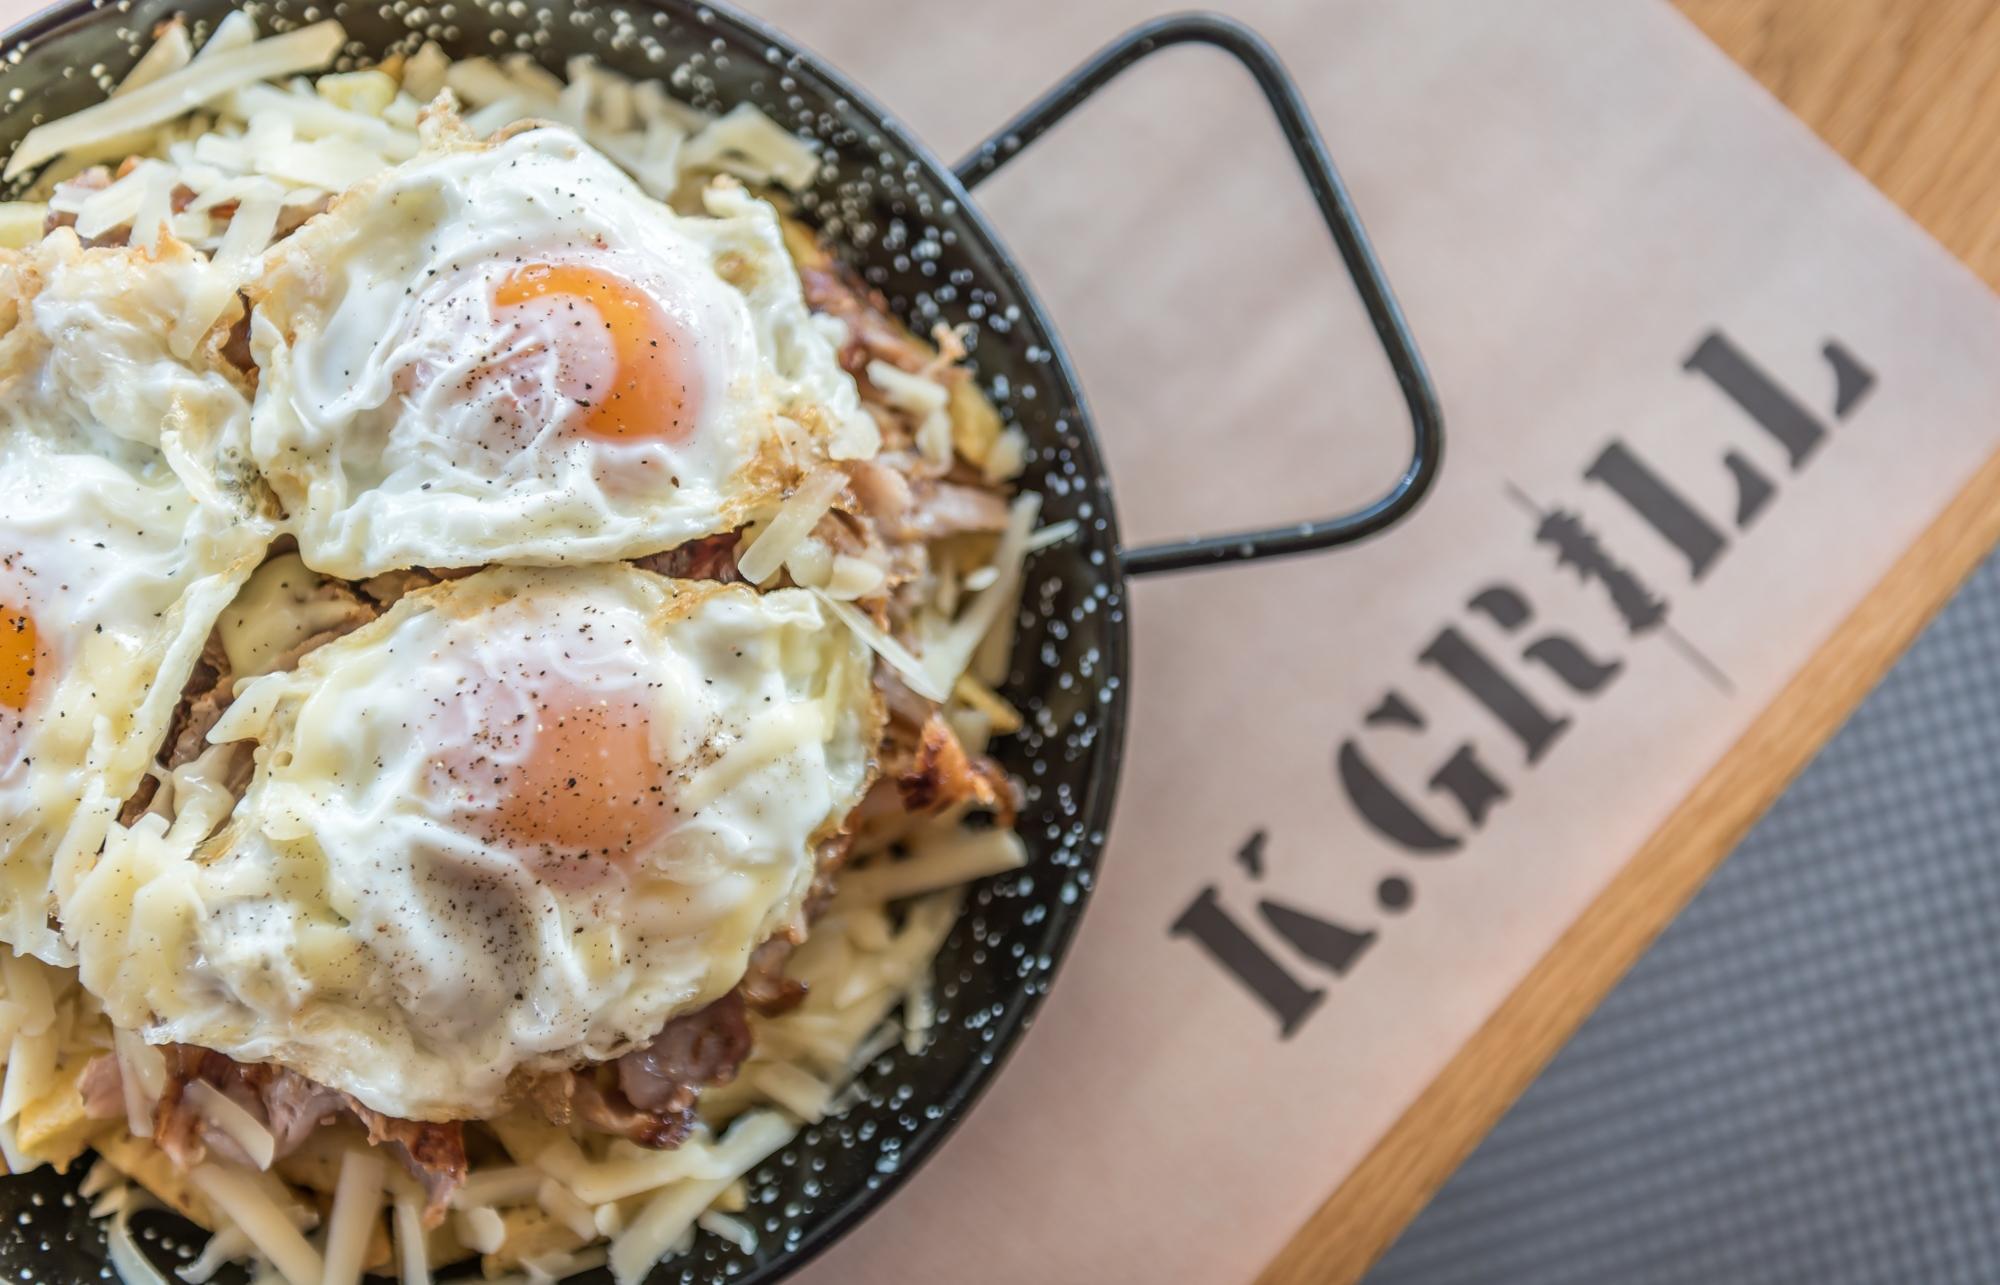 25€ από 51,5€ για πλήρες menu 2 ατόμων, στο διάσημο ''K.GRIL'', του ομίλου Καστελόριζο, τον αγαπημένο προορισμό όλων των κρεατοφάγων της Αθήνας, στη Βούλα εικόνα